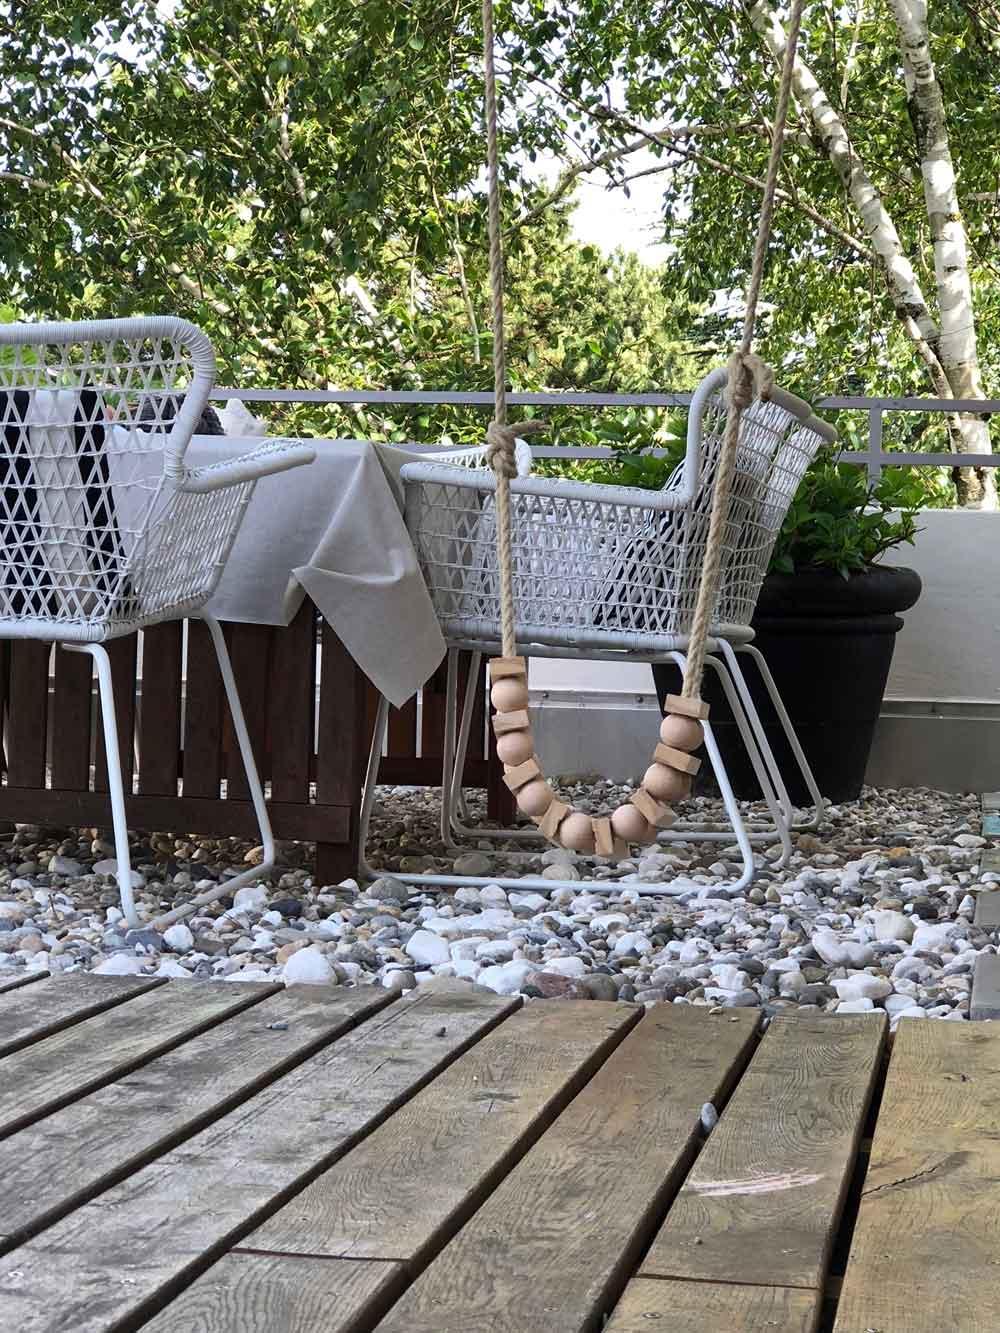 Diy Schaukel Holz Zubehoer Holzkugel draußen - DIY | Schaukel aus Holzkugeln